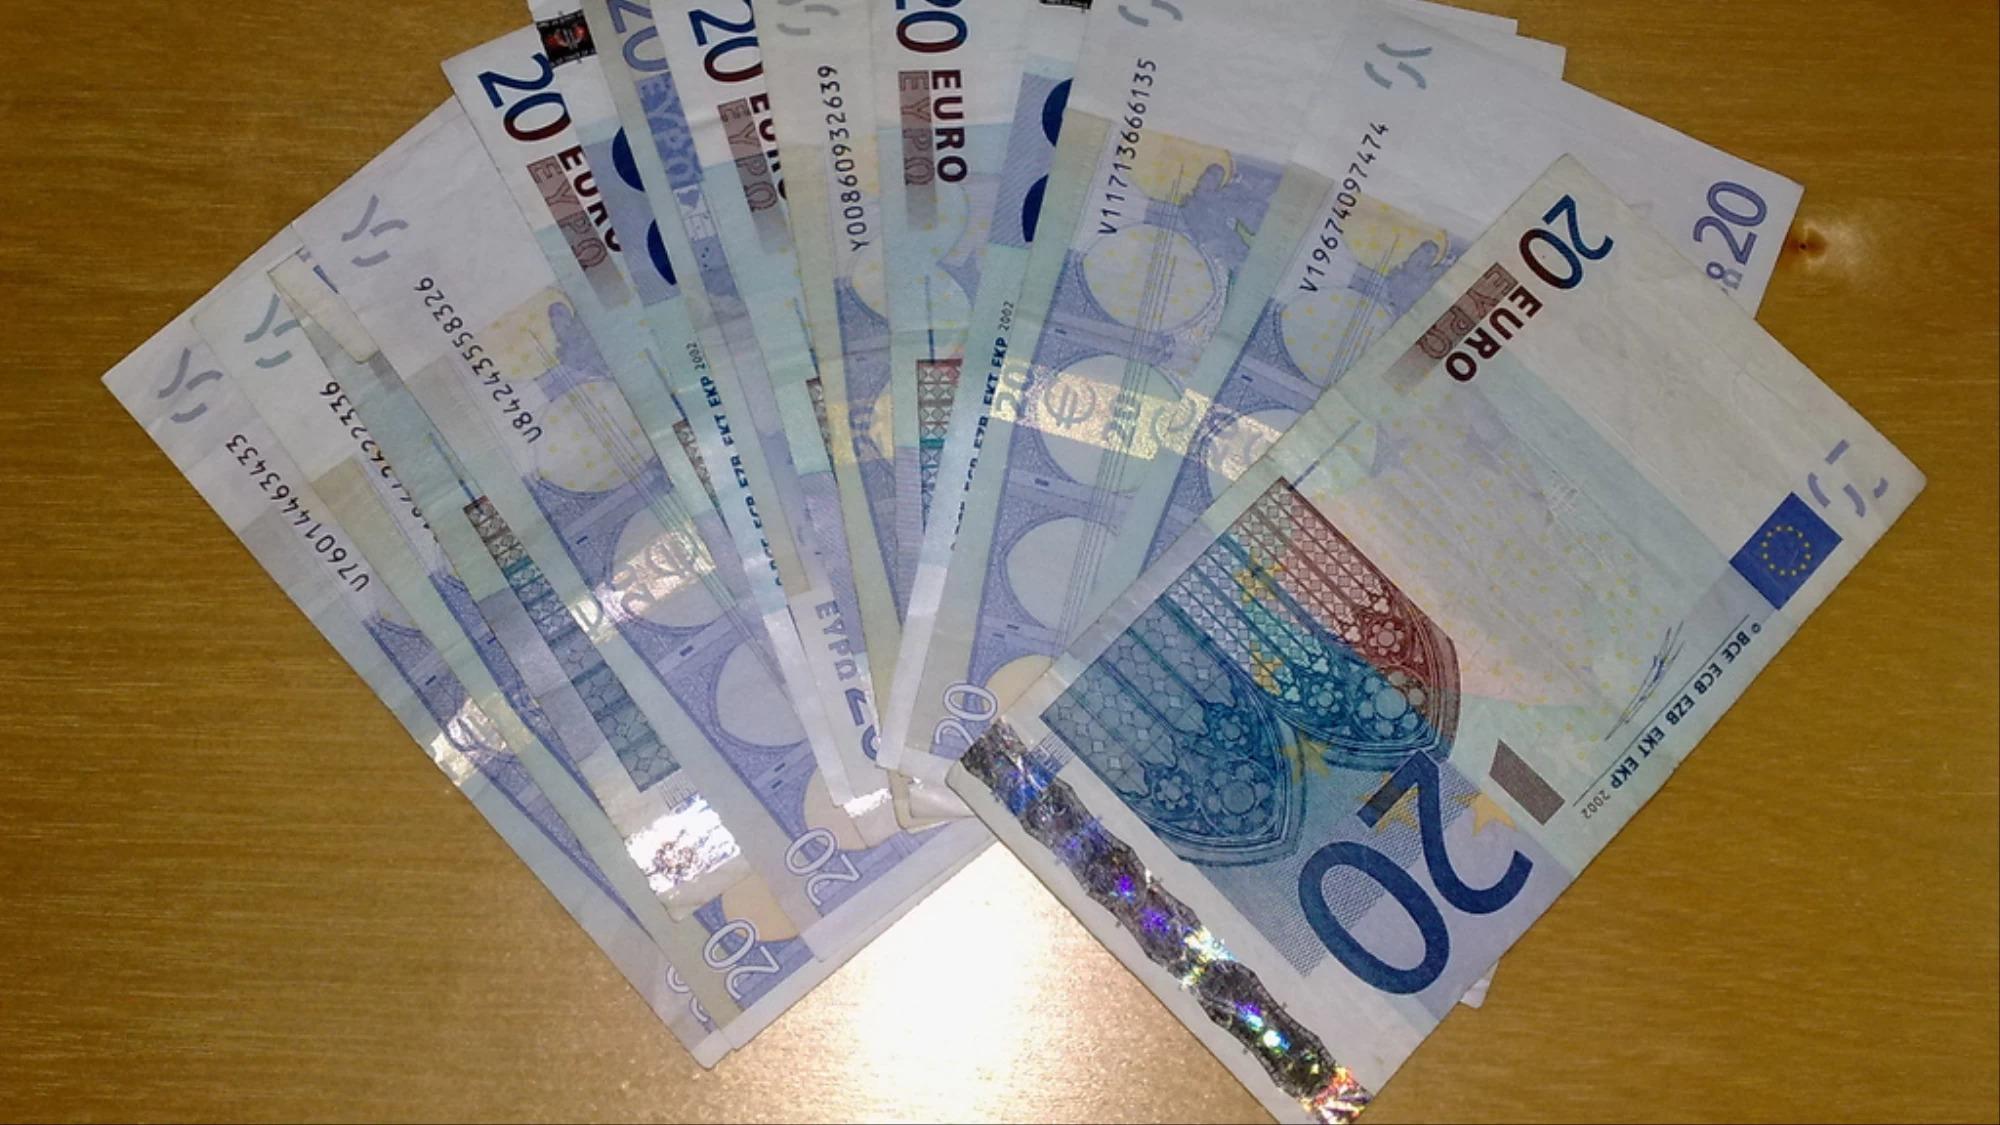 Zoeken naar hoe verdien je snel geld als kind